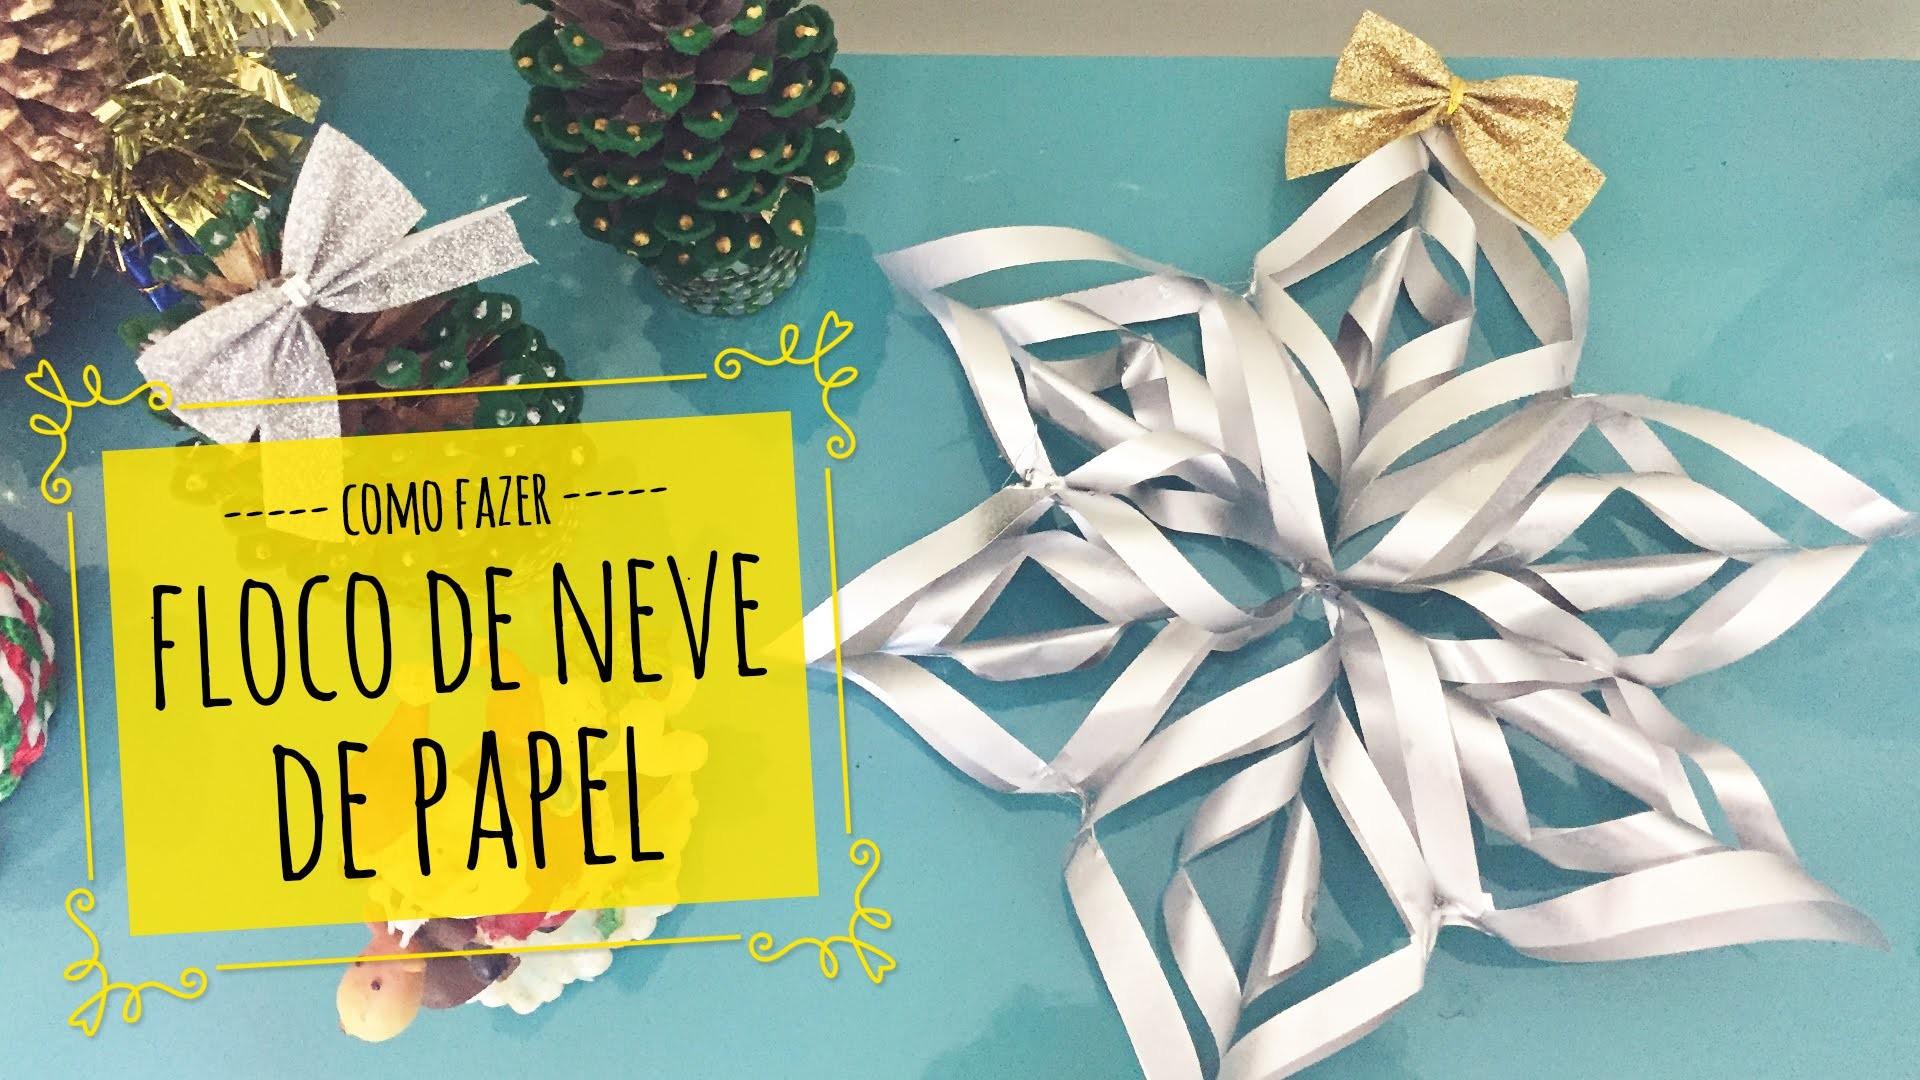 Como fazer floco de neve de papel ❄ DIY de Natal !